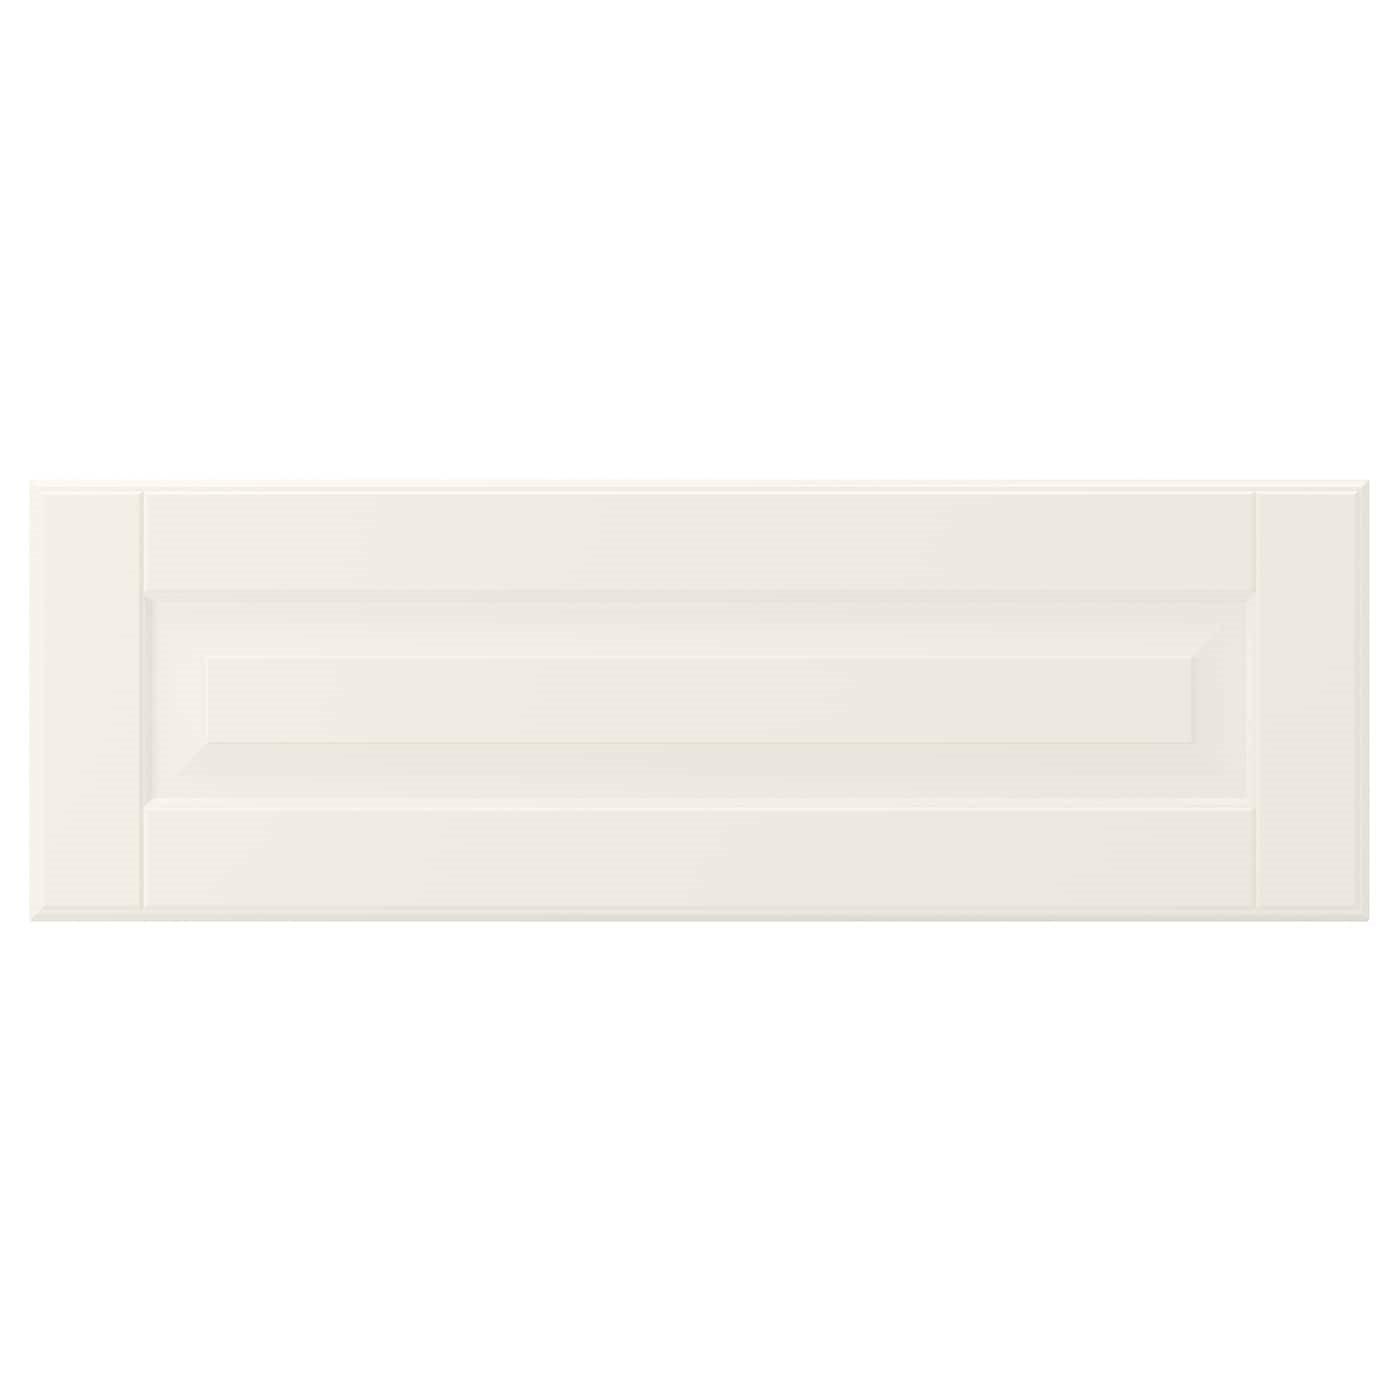 IKEA BODBYN БУДБИН Фронтальная панель ящика, белый с оттенком, 60x20 см 80208261